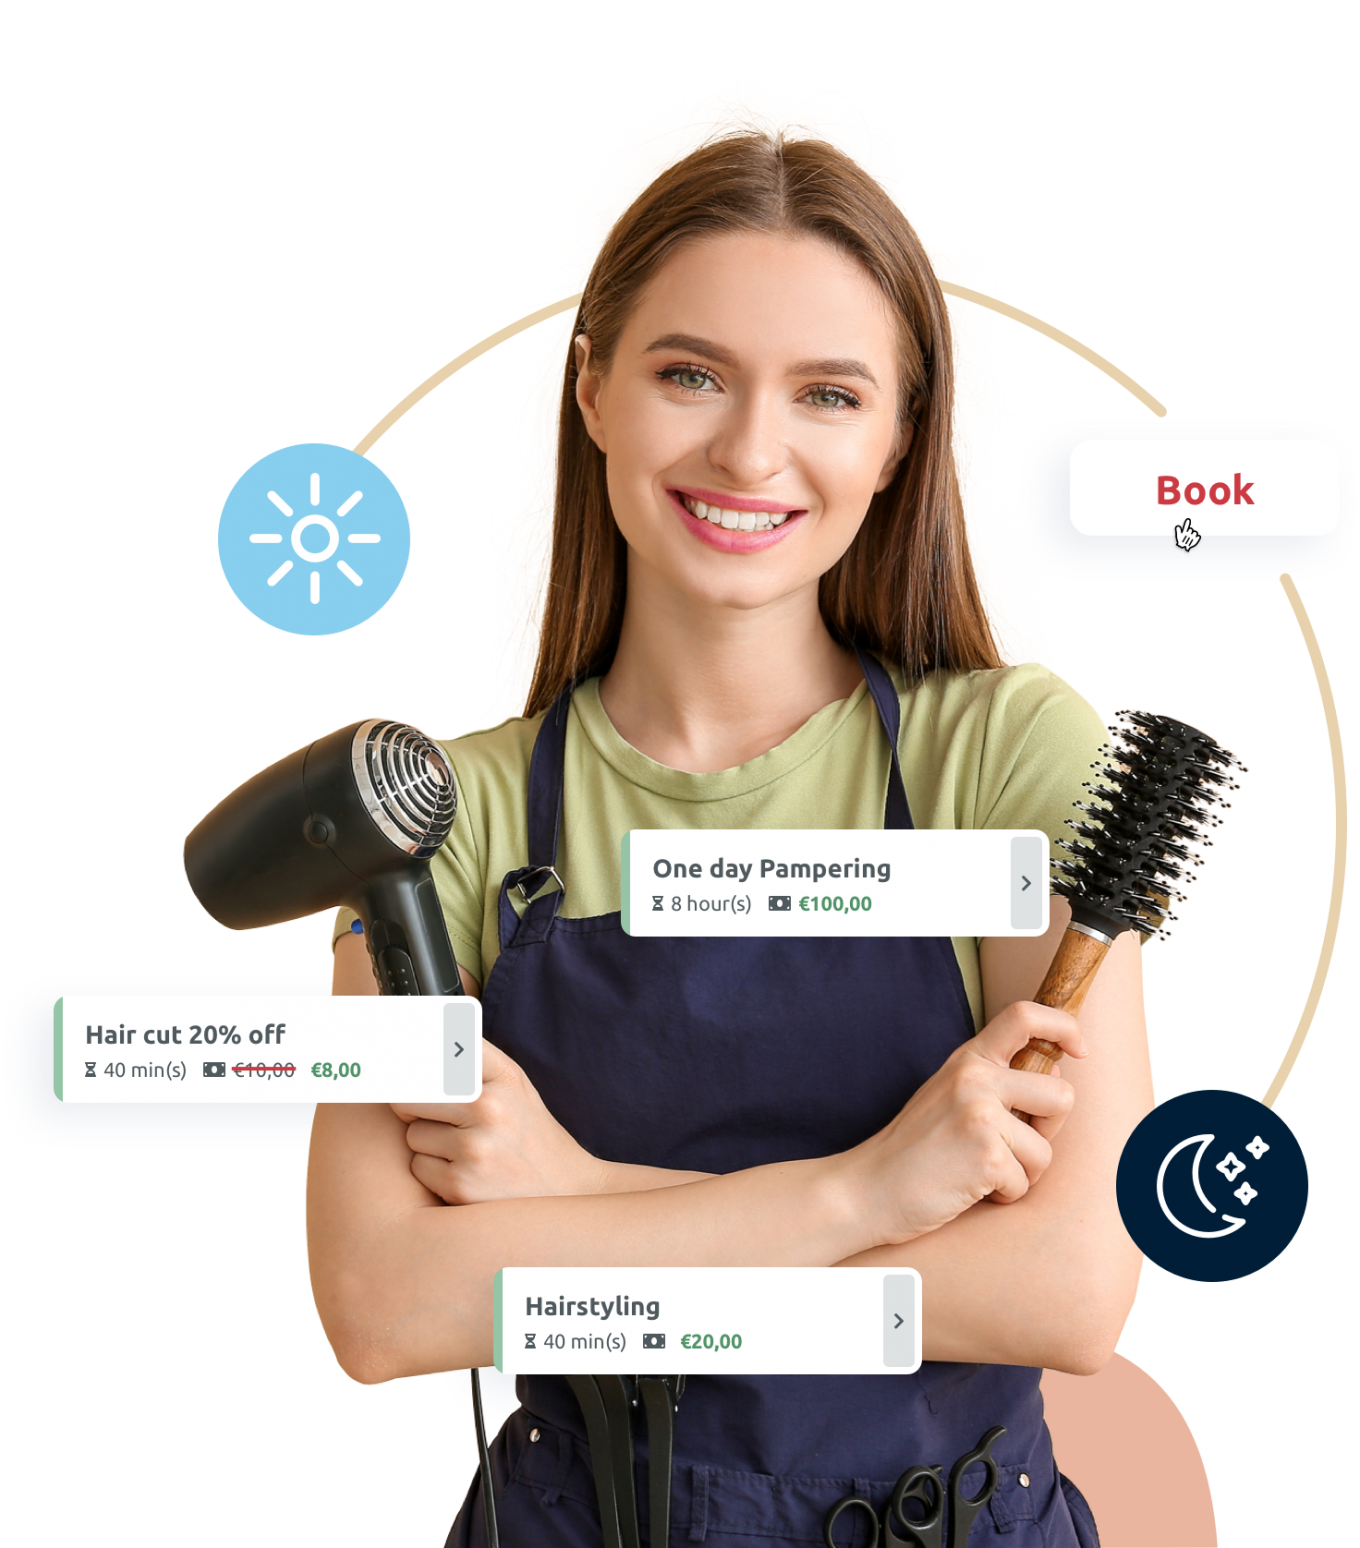 Beauty Salon scheduling software